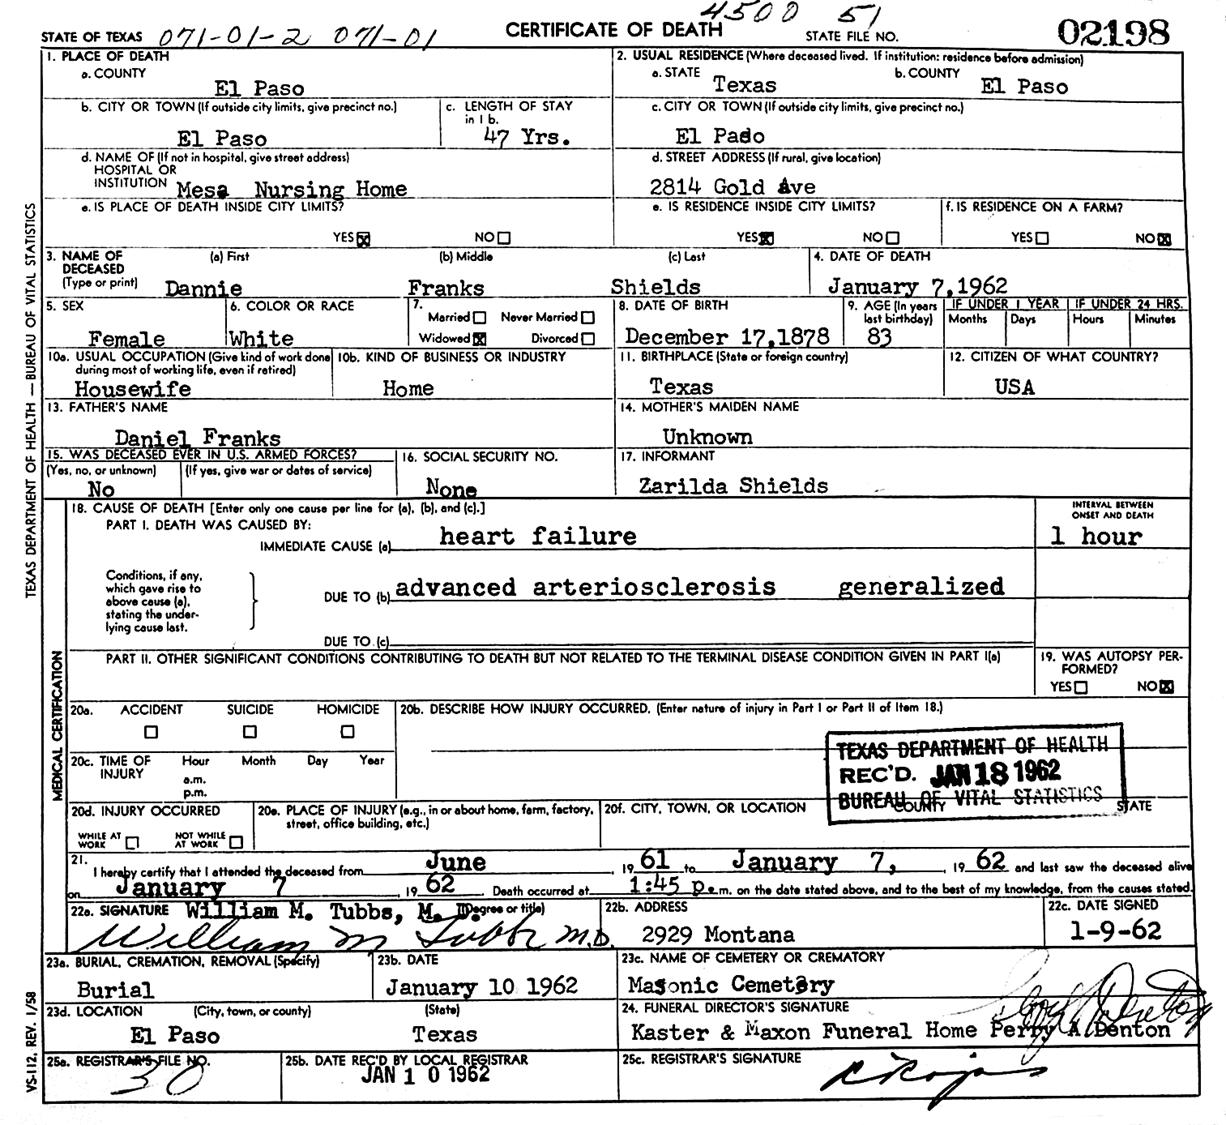 Daniel gandy franks dannie g franks shields death certificate xflitez Choice Image